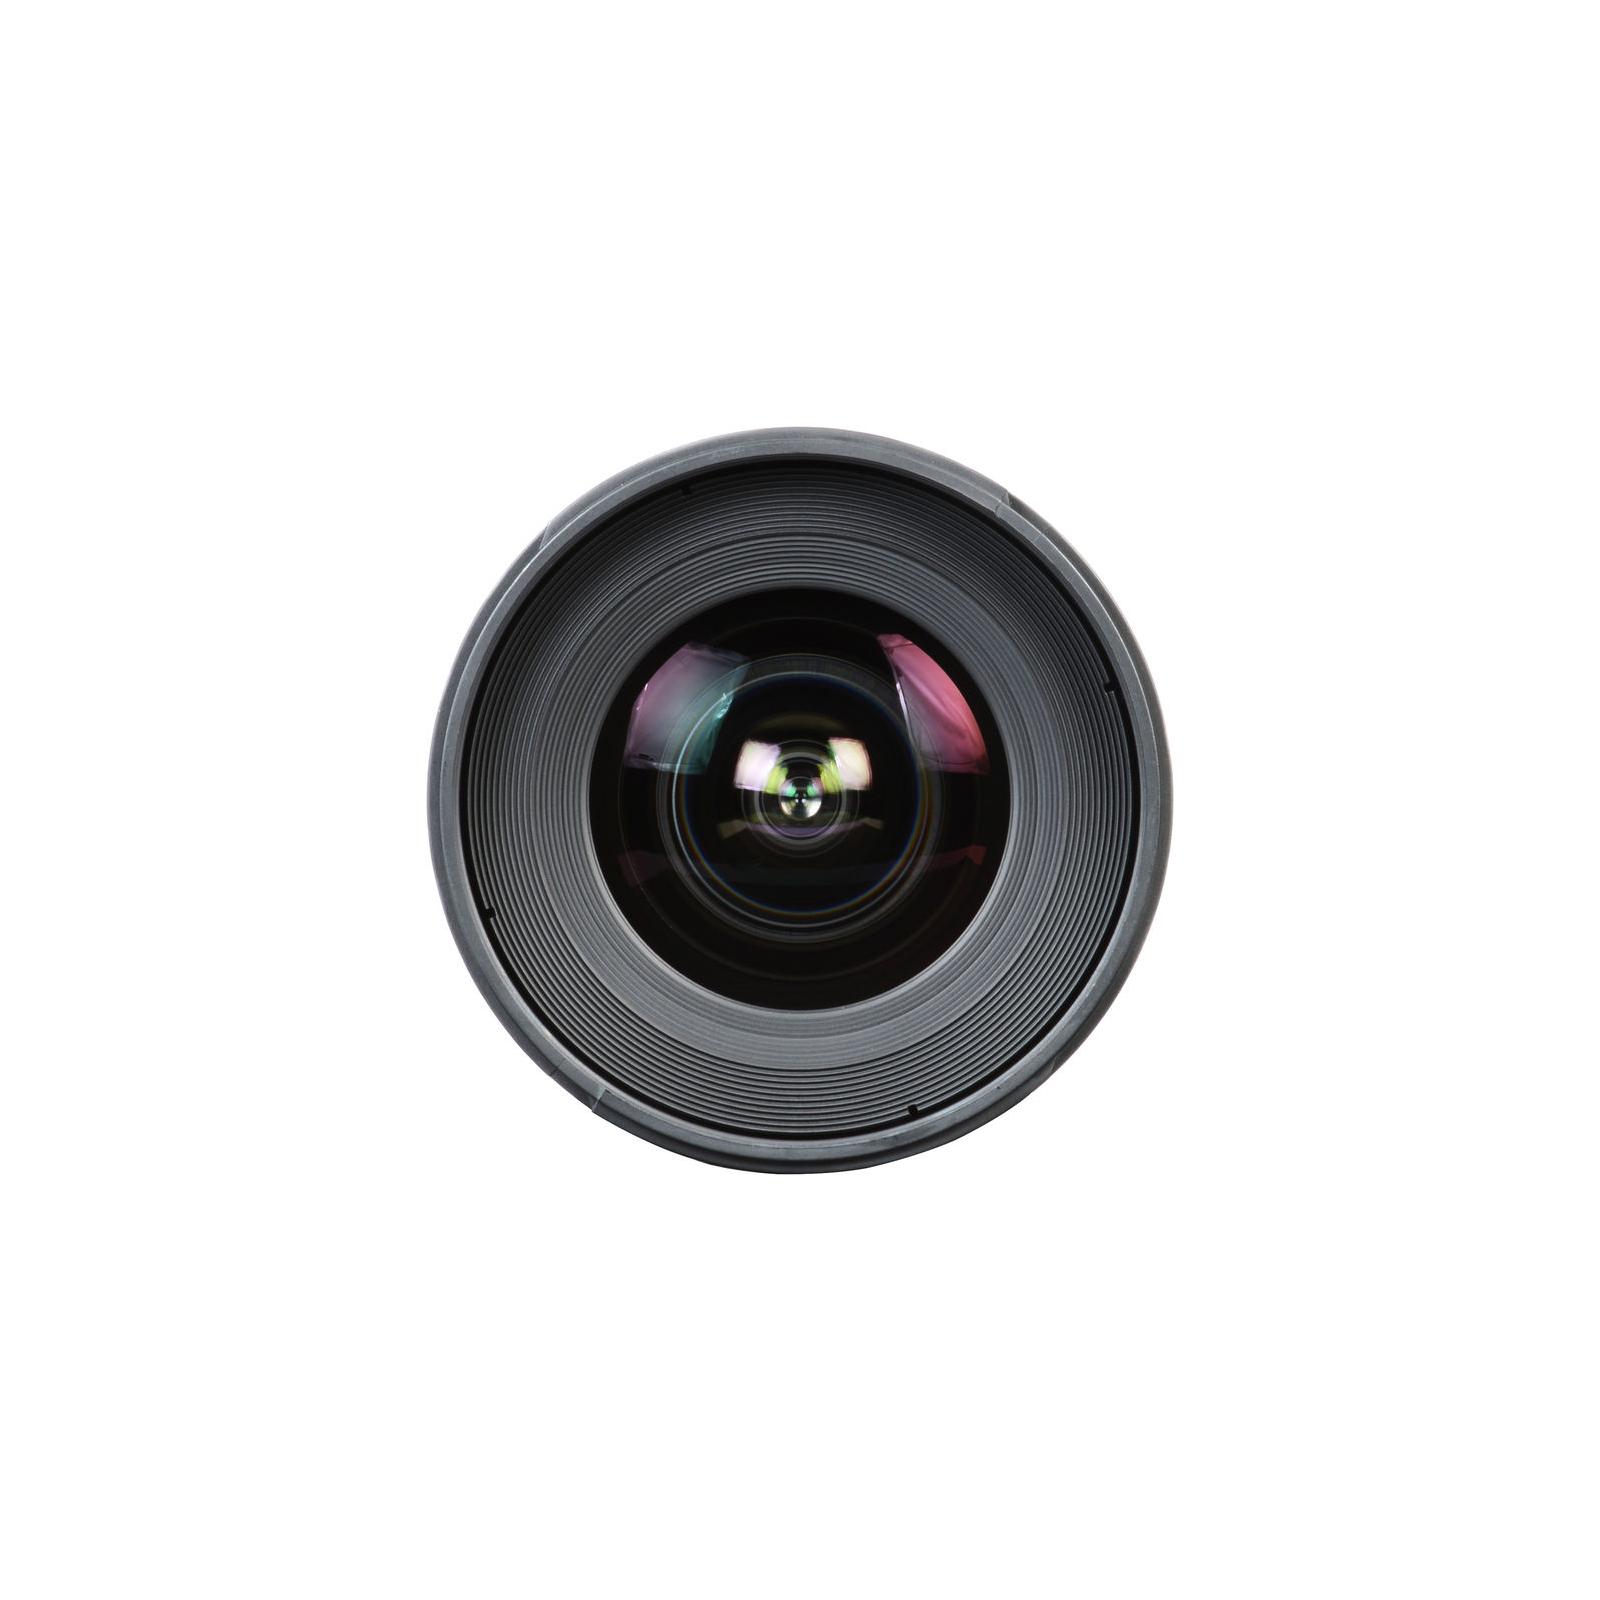 Объектив Tokina AT-X PRO DX 11-20mm f/2.8 (Nikon) (ATXAF120DXN) изображение 5